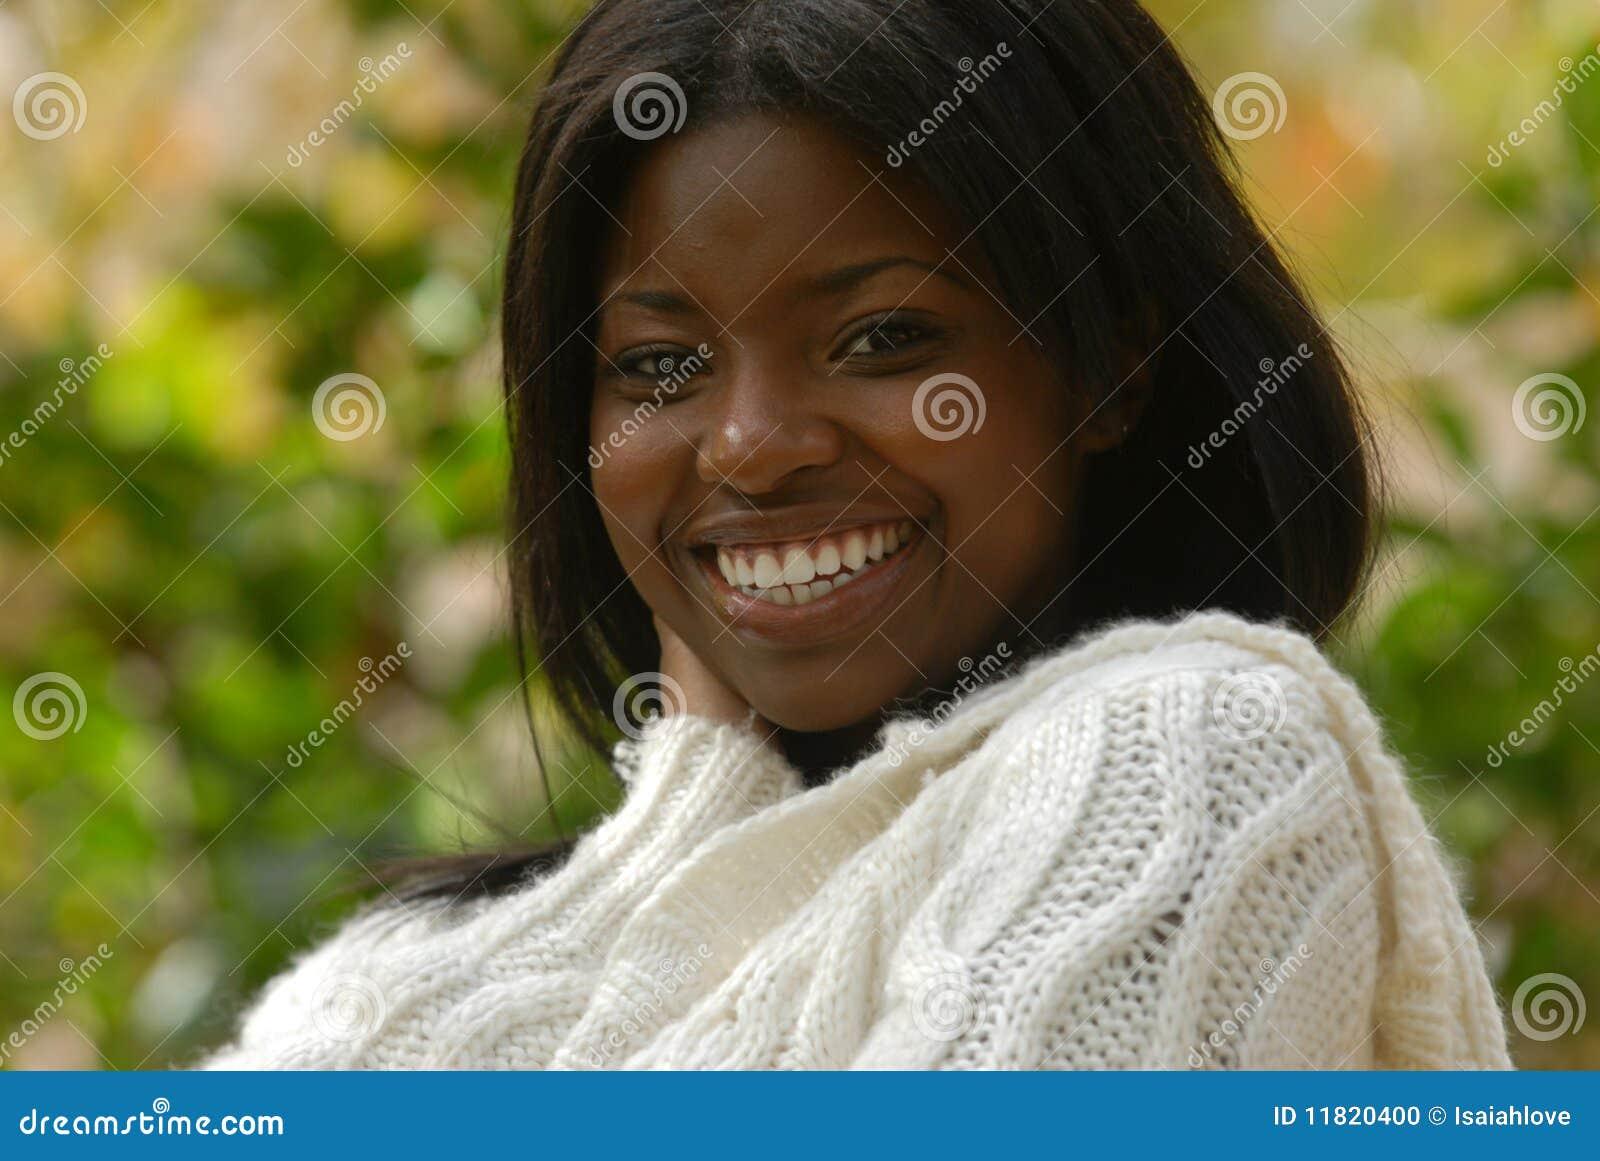 Por completo de la sonrisa y de la alegría